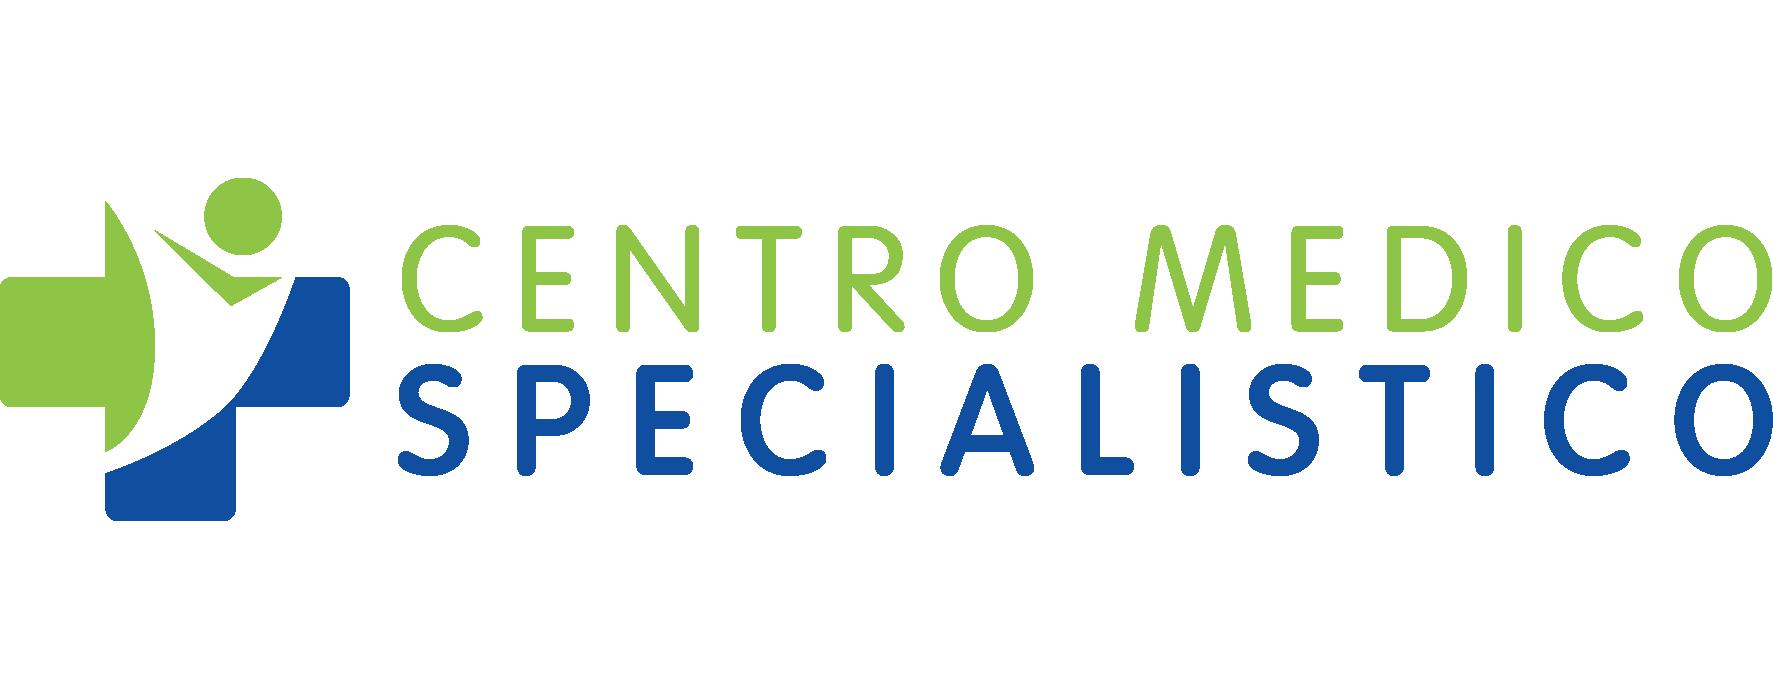 centro medico specialistico